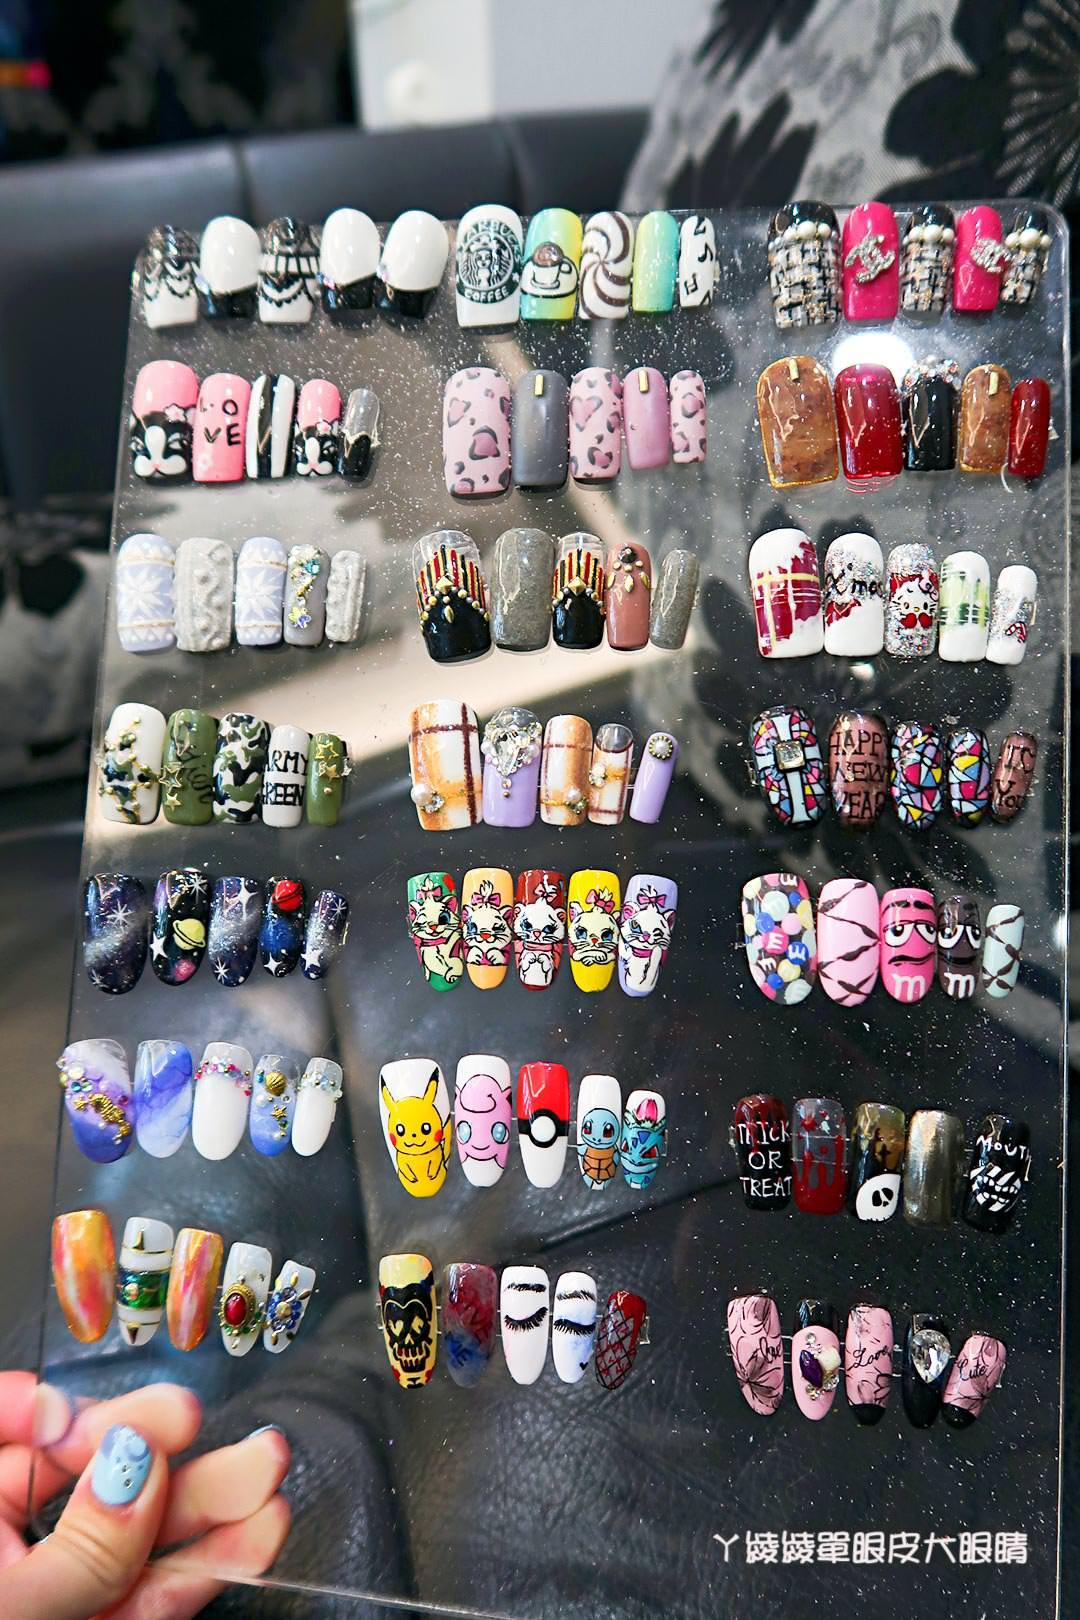 新竹美甲造型推薦《瑪雅時尚美甲美睫》指甲彩繪|凝膠指甲|手足保養|美甲材料|美甲教學